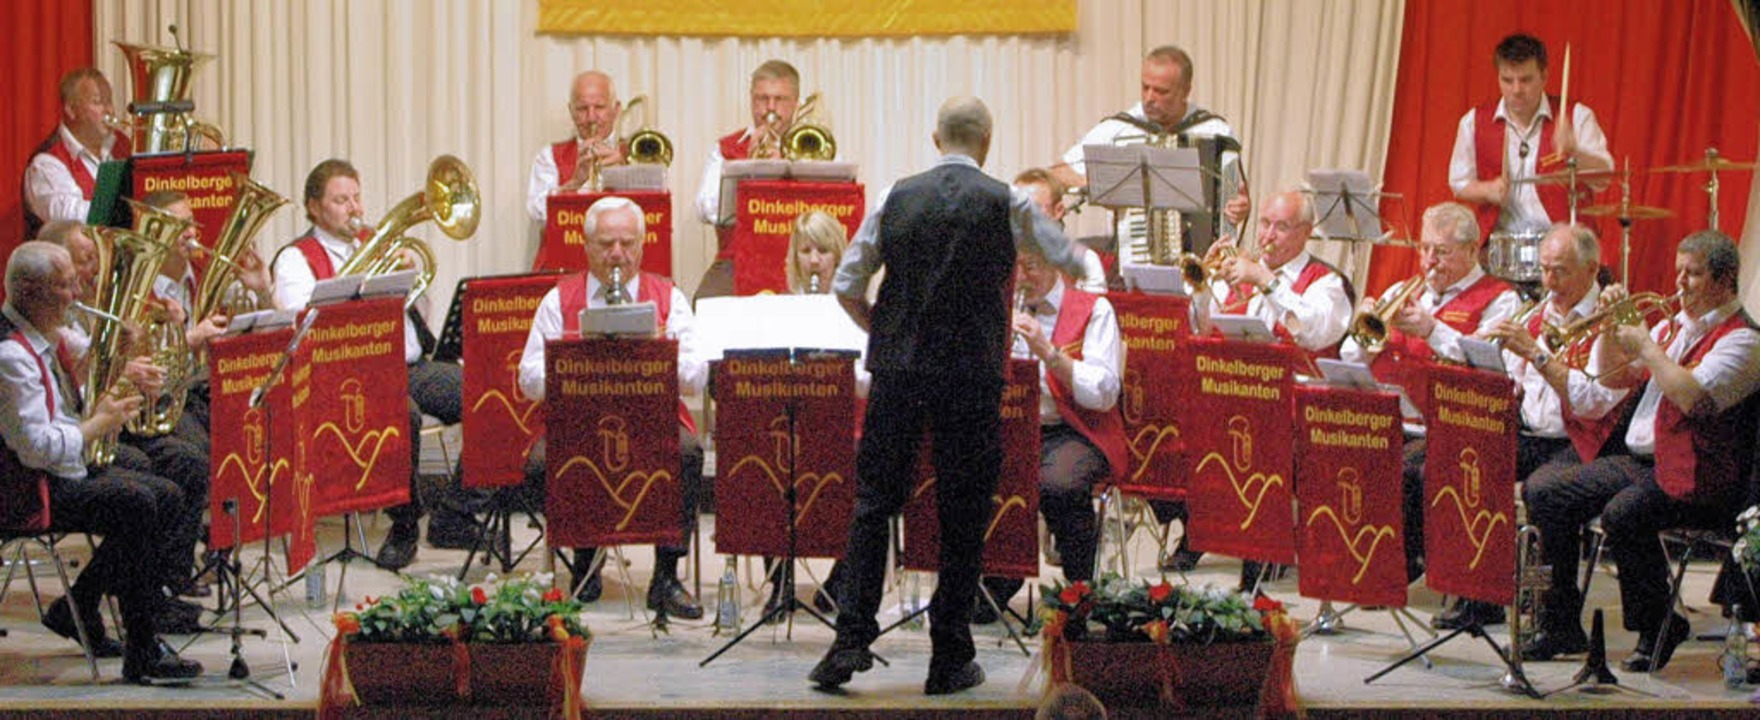 Blasmusik vom Feinsten: Die neu formie...kanten bei ihrem Konzert in Hüsingen.   | Foto: Winter